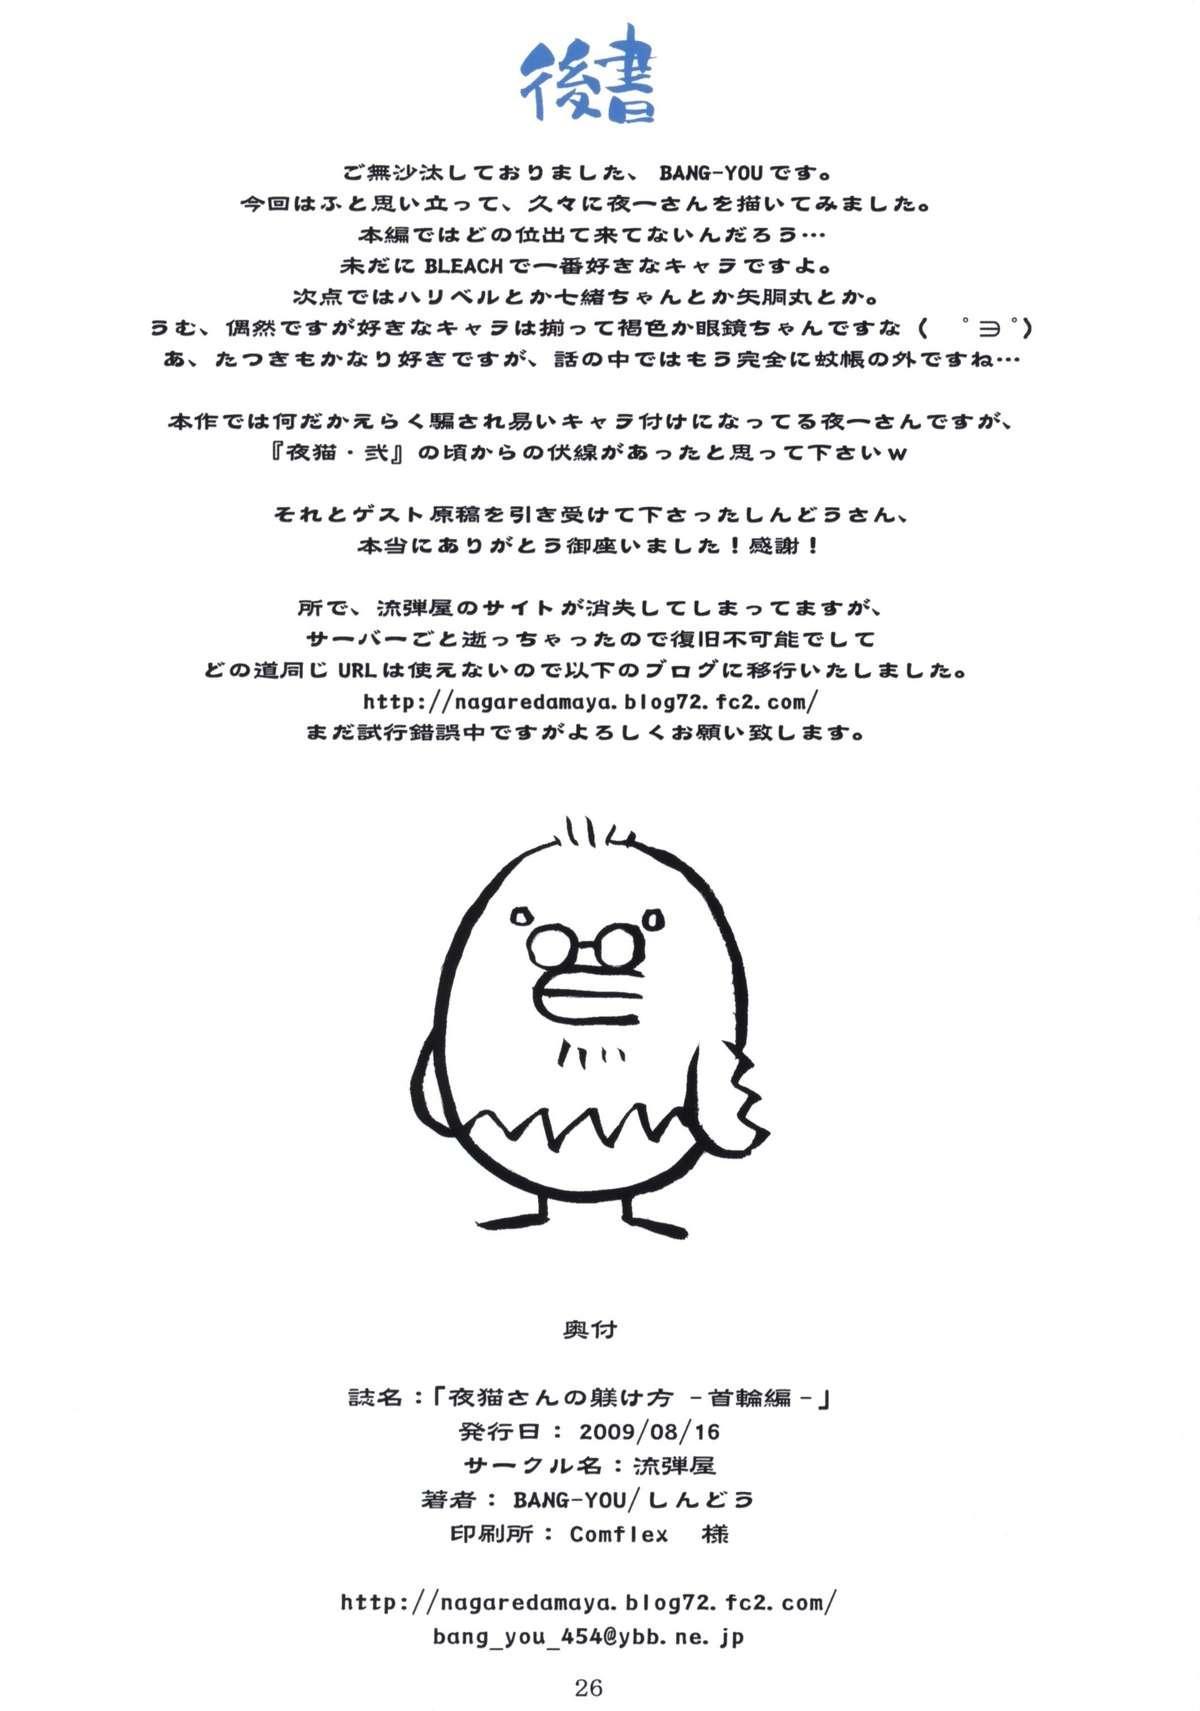 (C76) [Nagaredamaya (BANG-YOU)] Yoruneko-san no Shitsukekata -Kubiwahen- (Bleach) 24